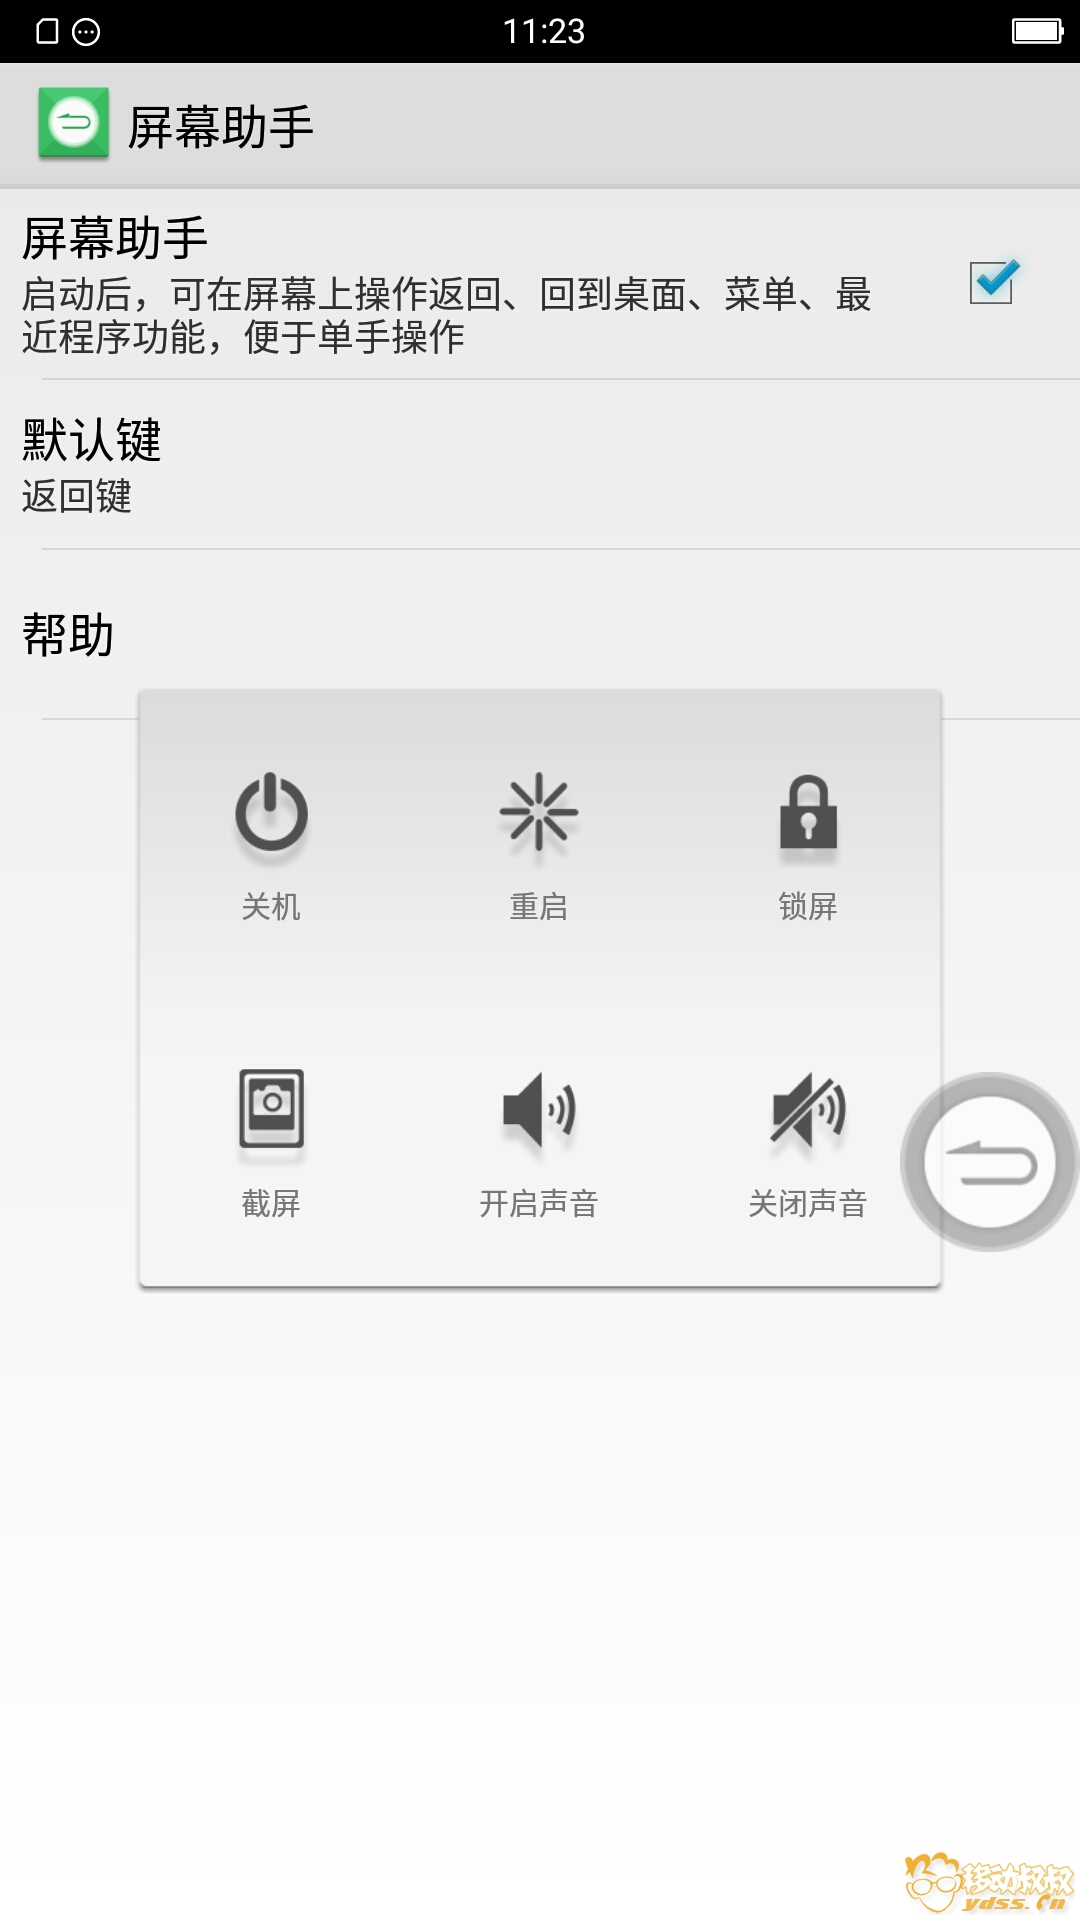 Screenshot_19700124-112310.jpg